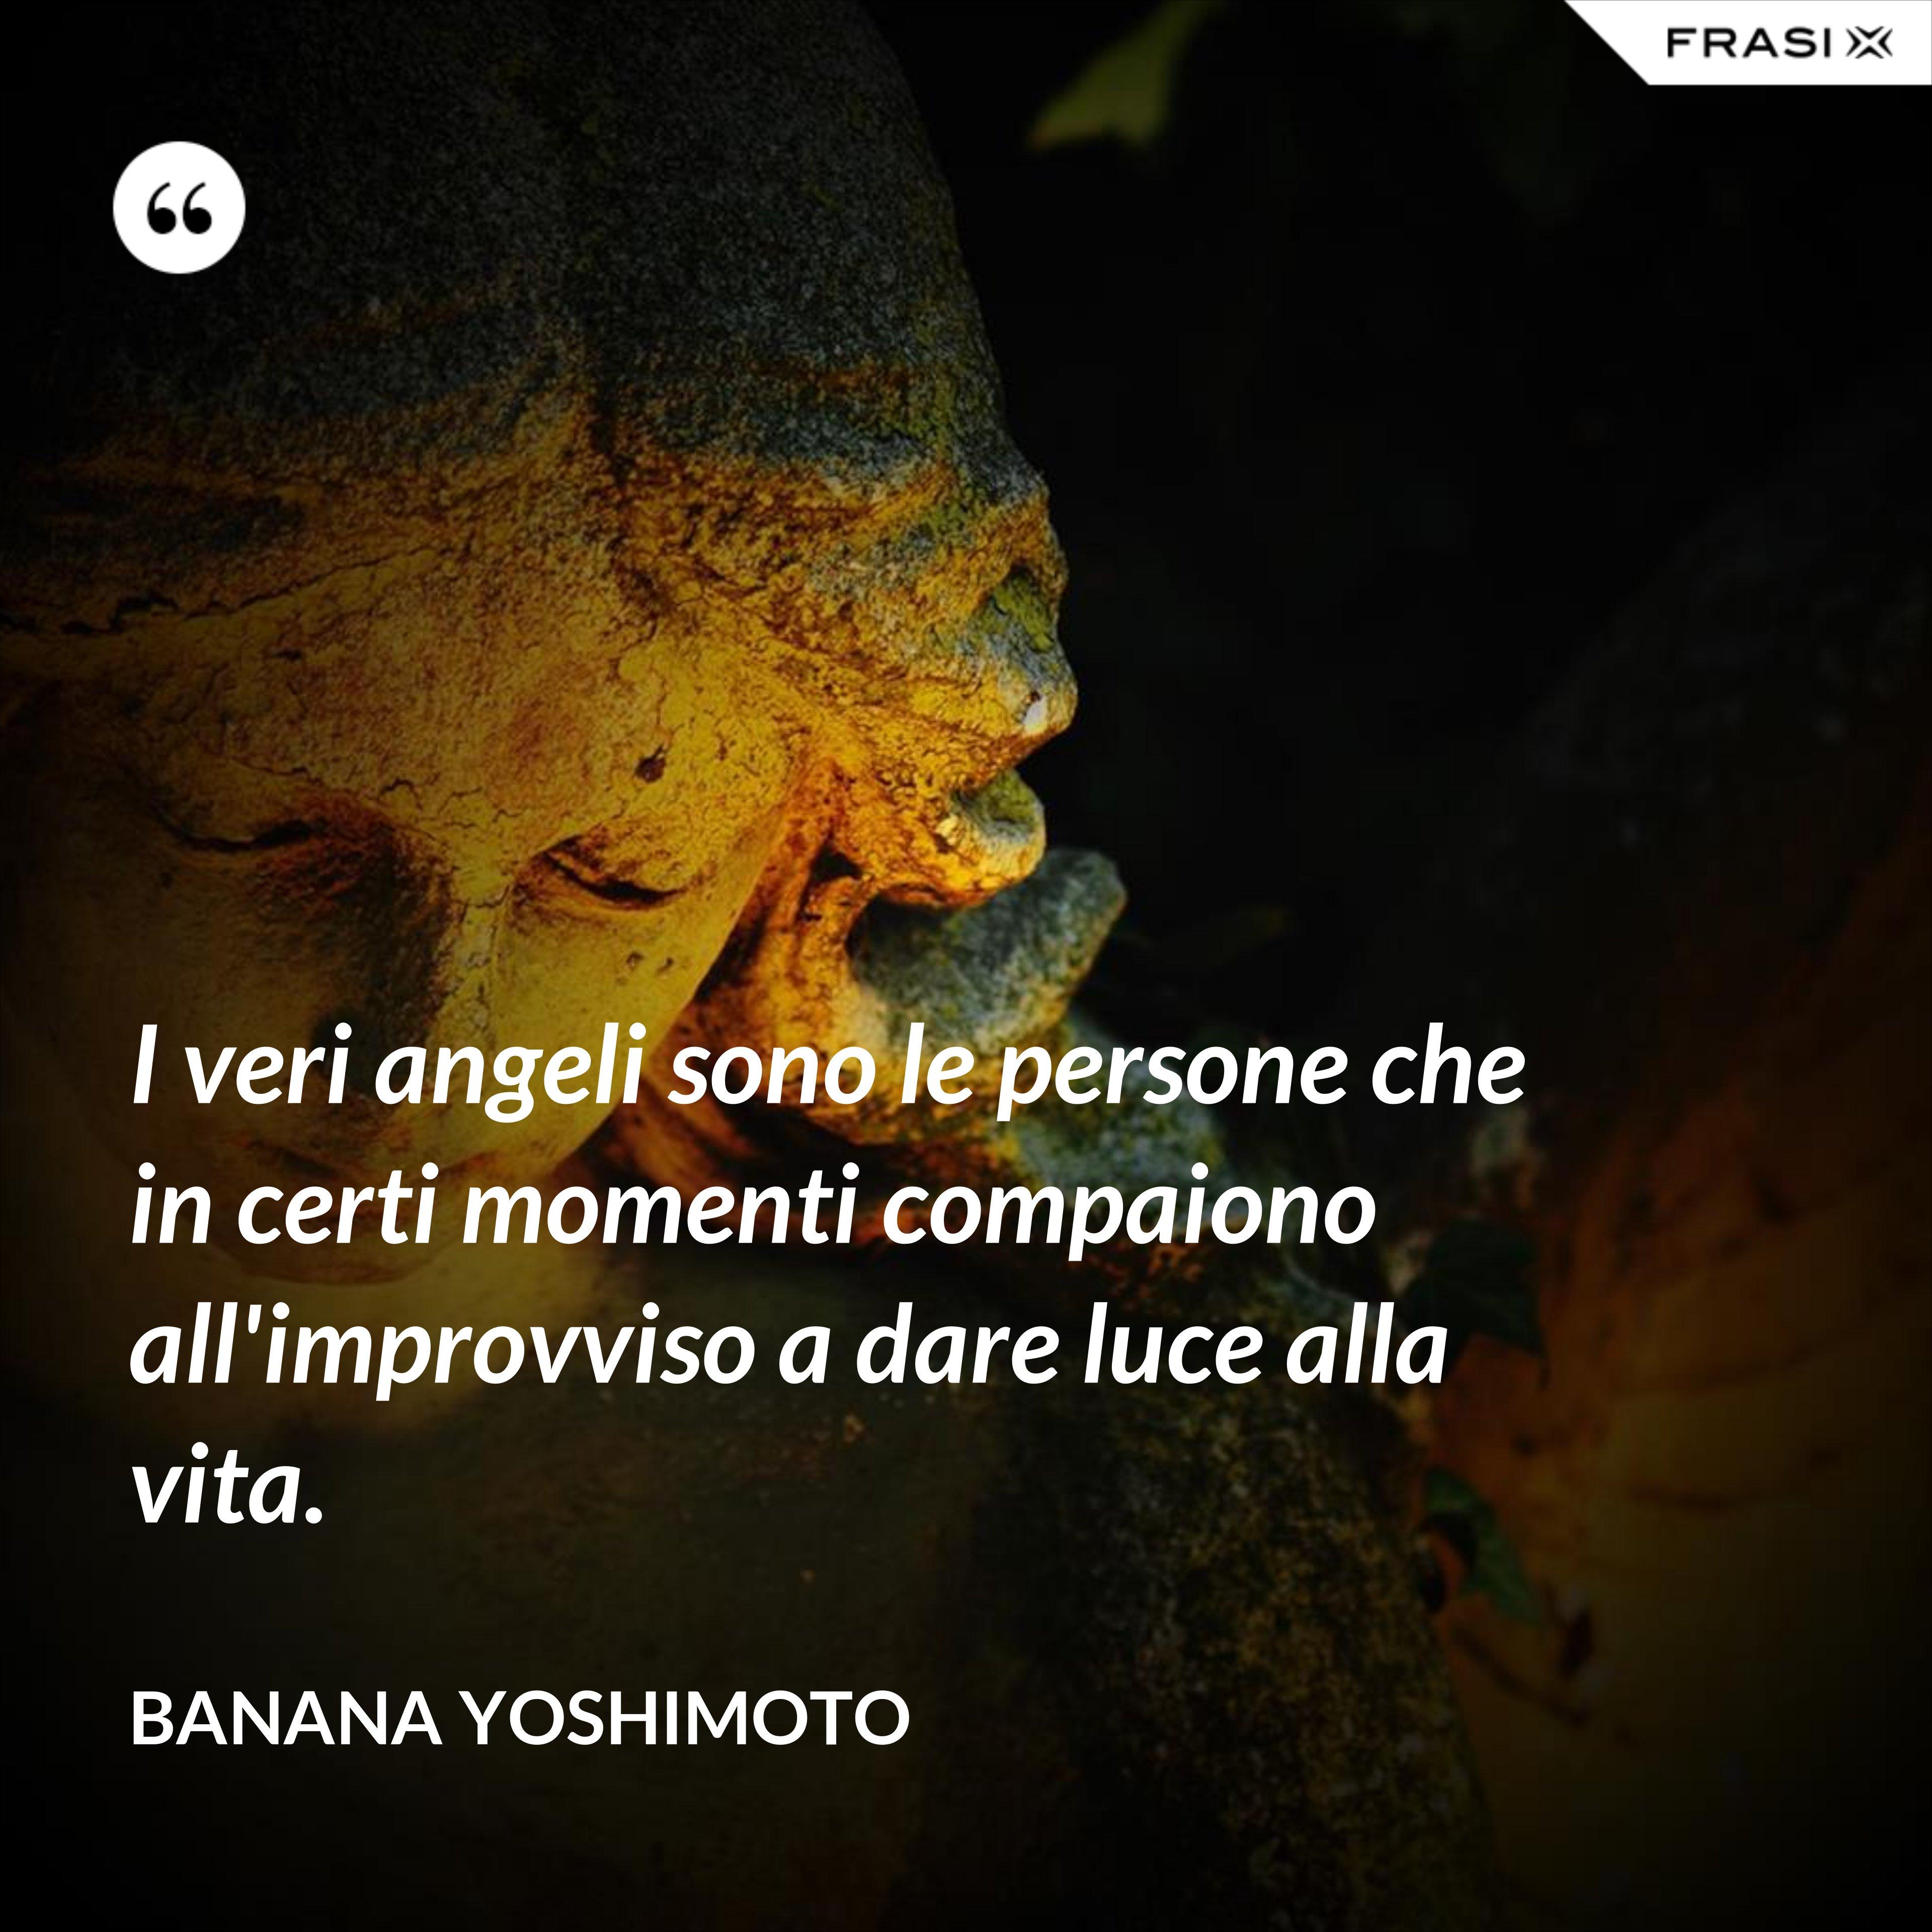 I veri angeli sono le persone che in certi momenti compaiono all'improvviso a dare luce alla vita. - Banana Yoshimoto